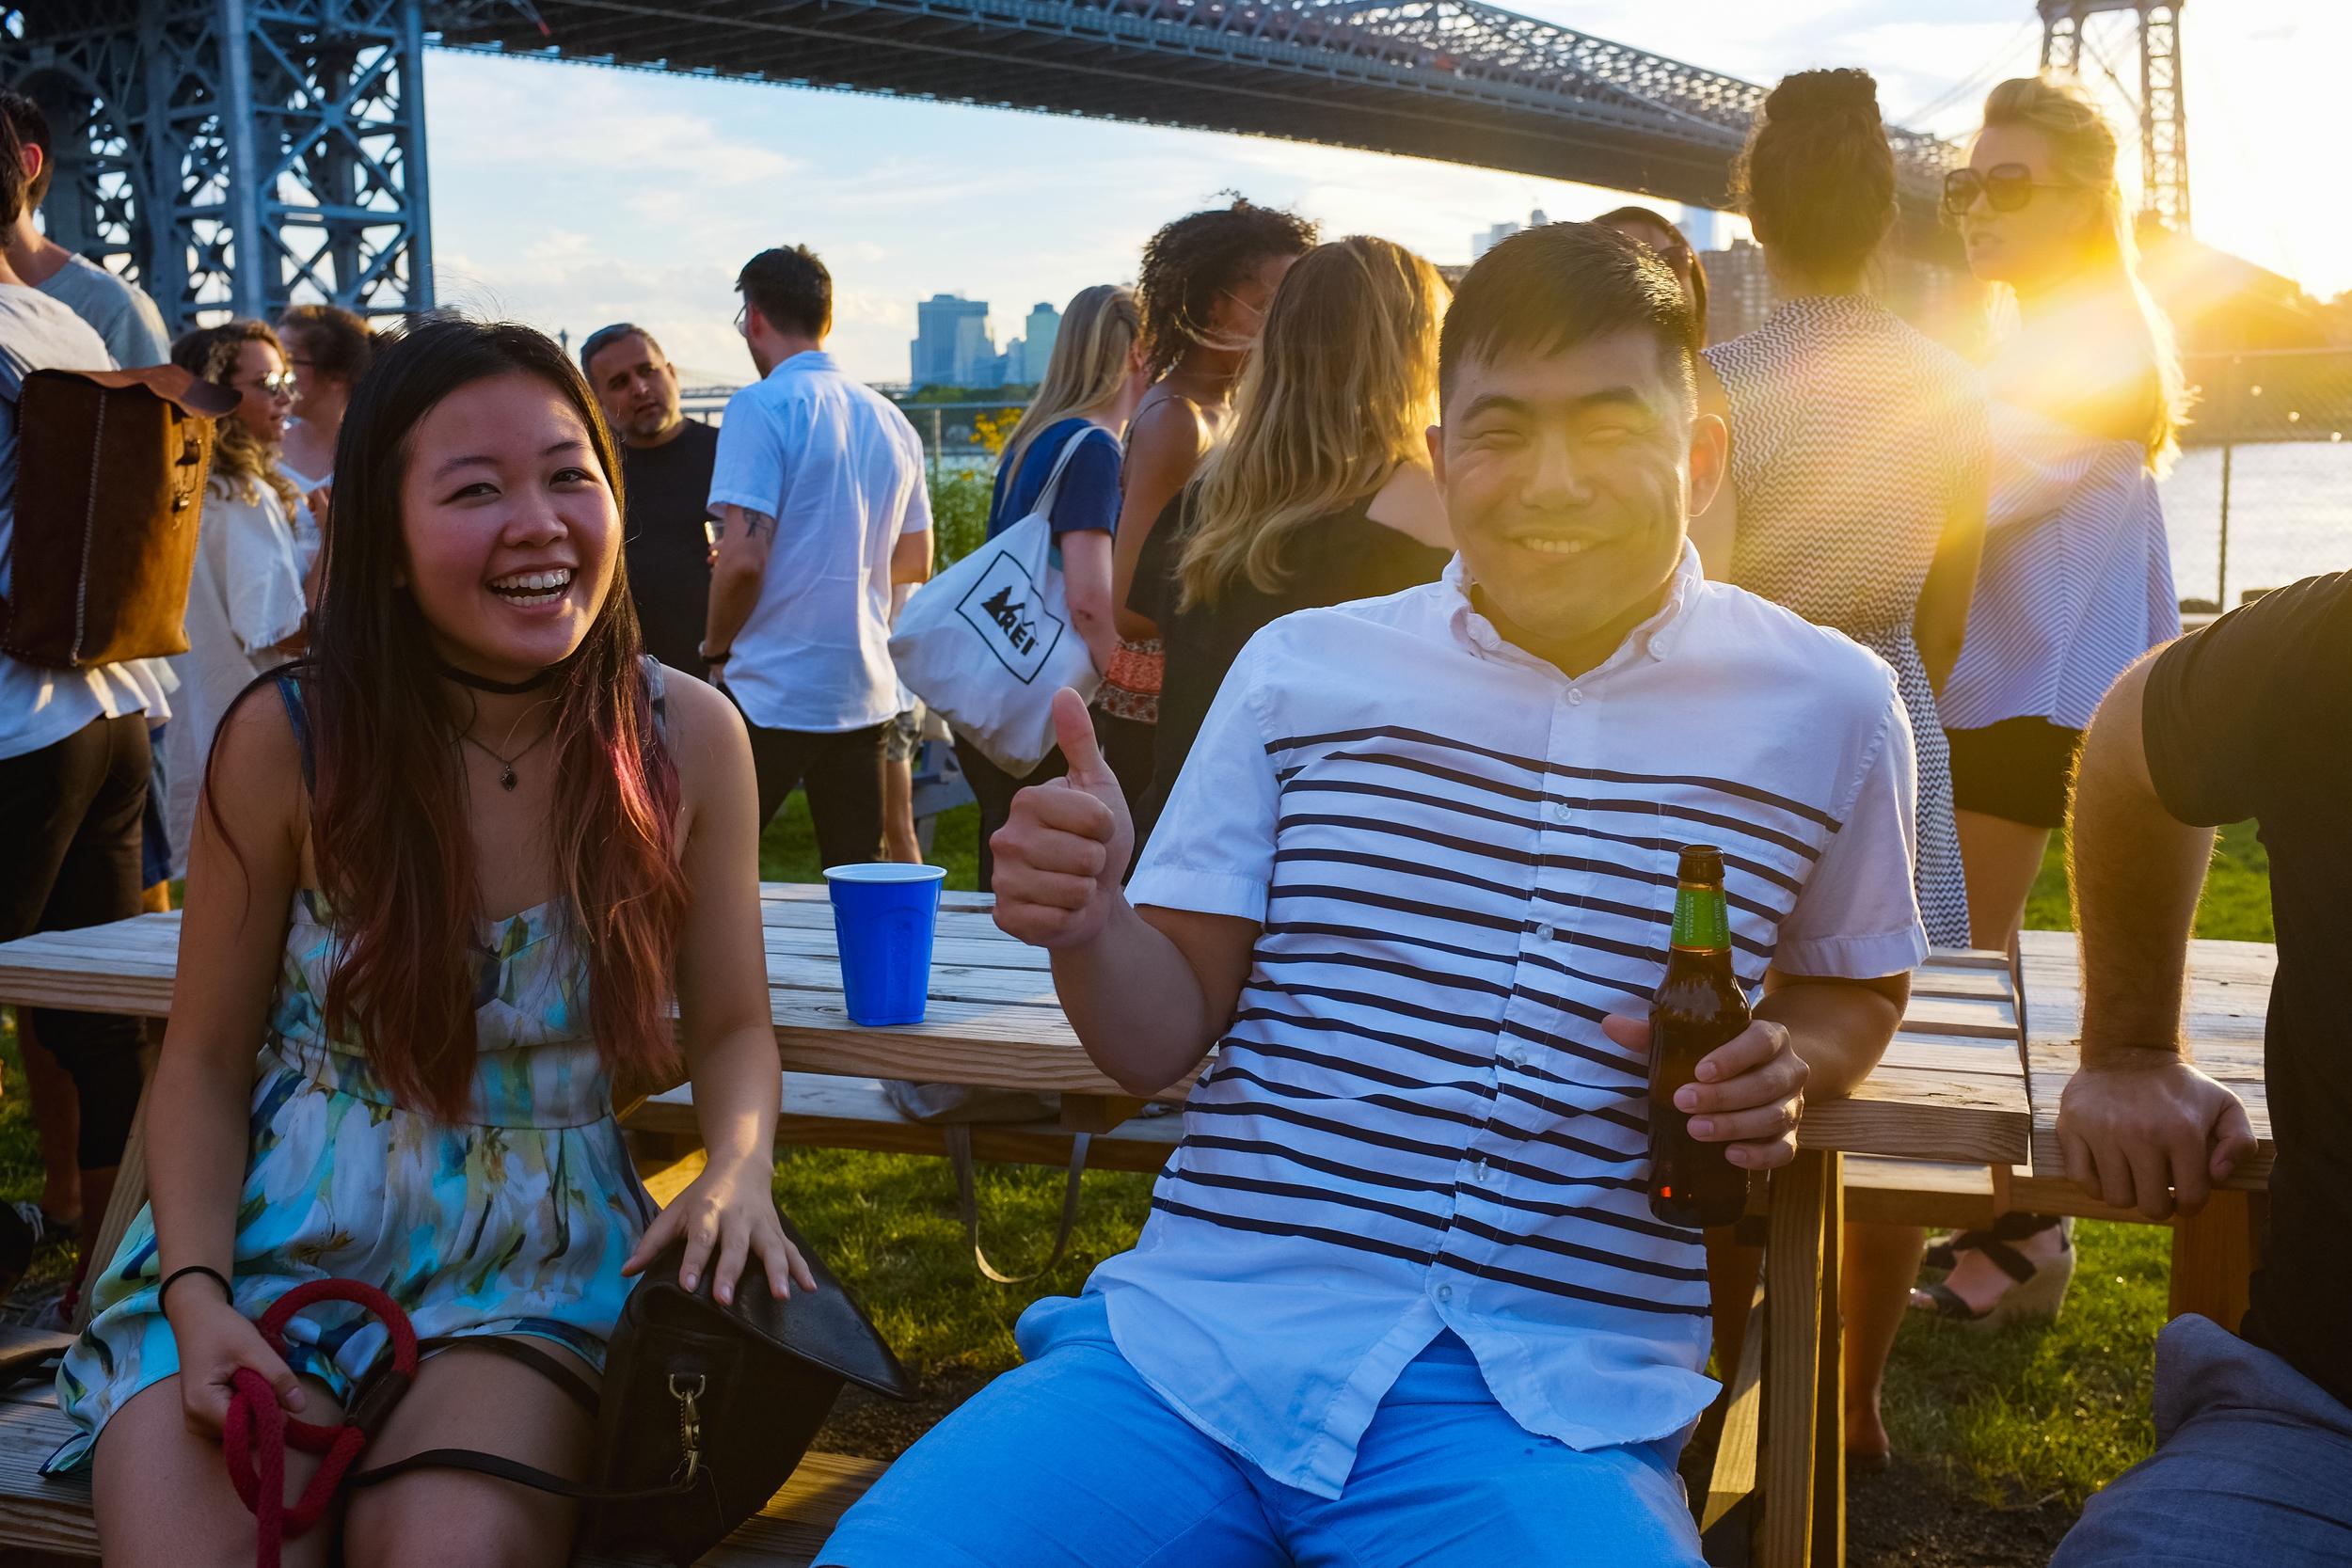 brodo_summer--party_160726_006.jpg